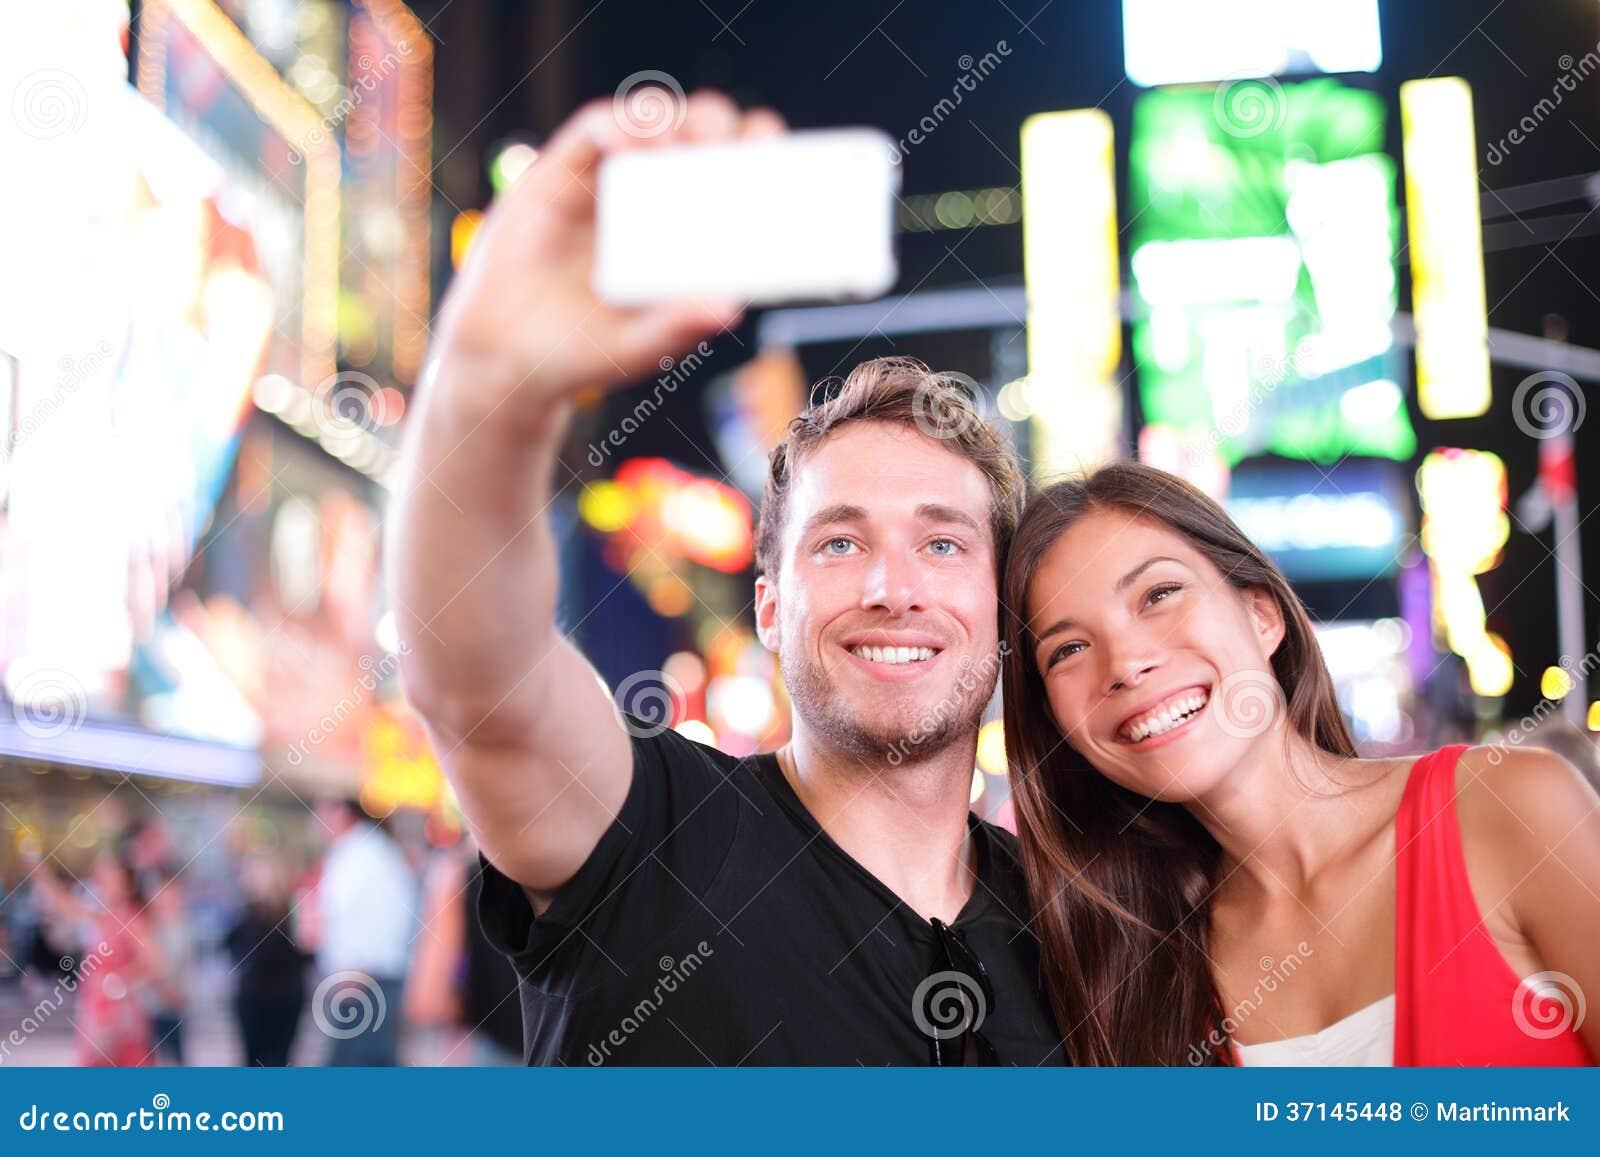 约会年轻夫妇愉快在拍在时代广场的爱selfie照片,纽约在晚上。美丽的年轻多种族游人